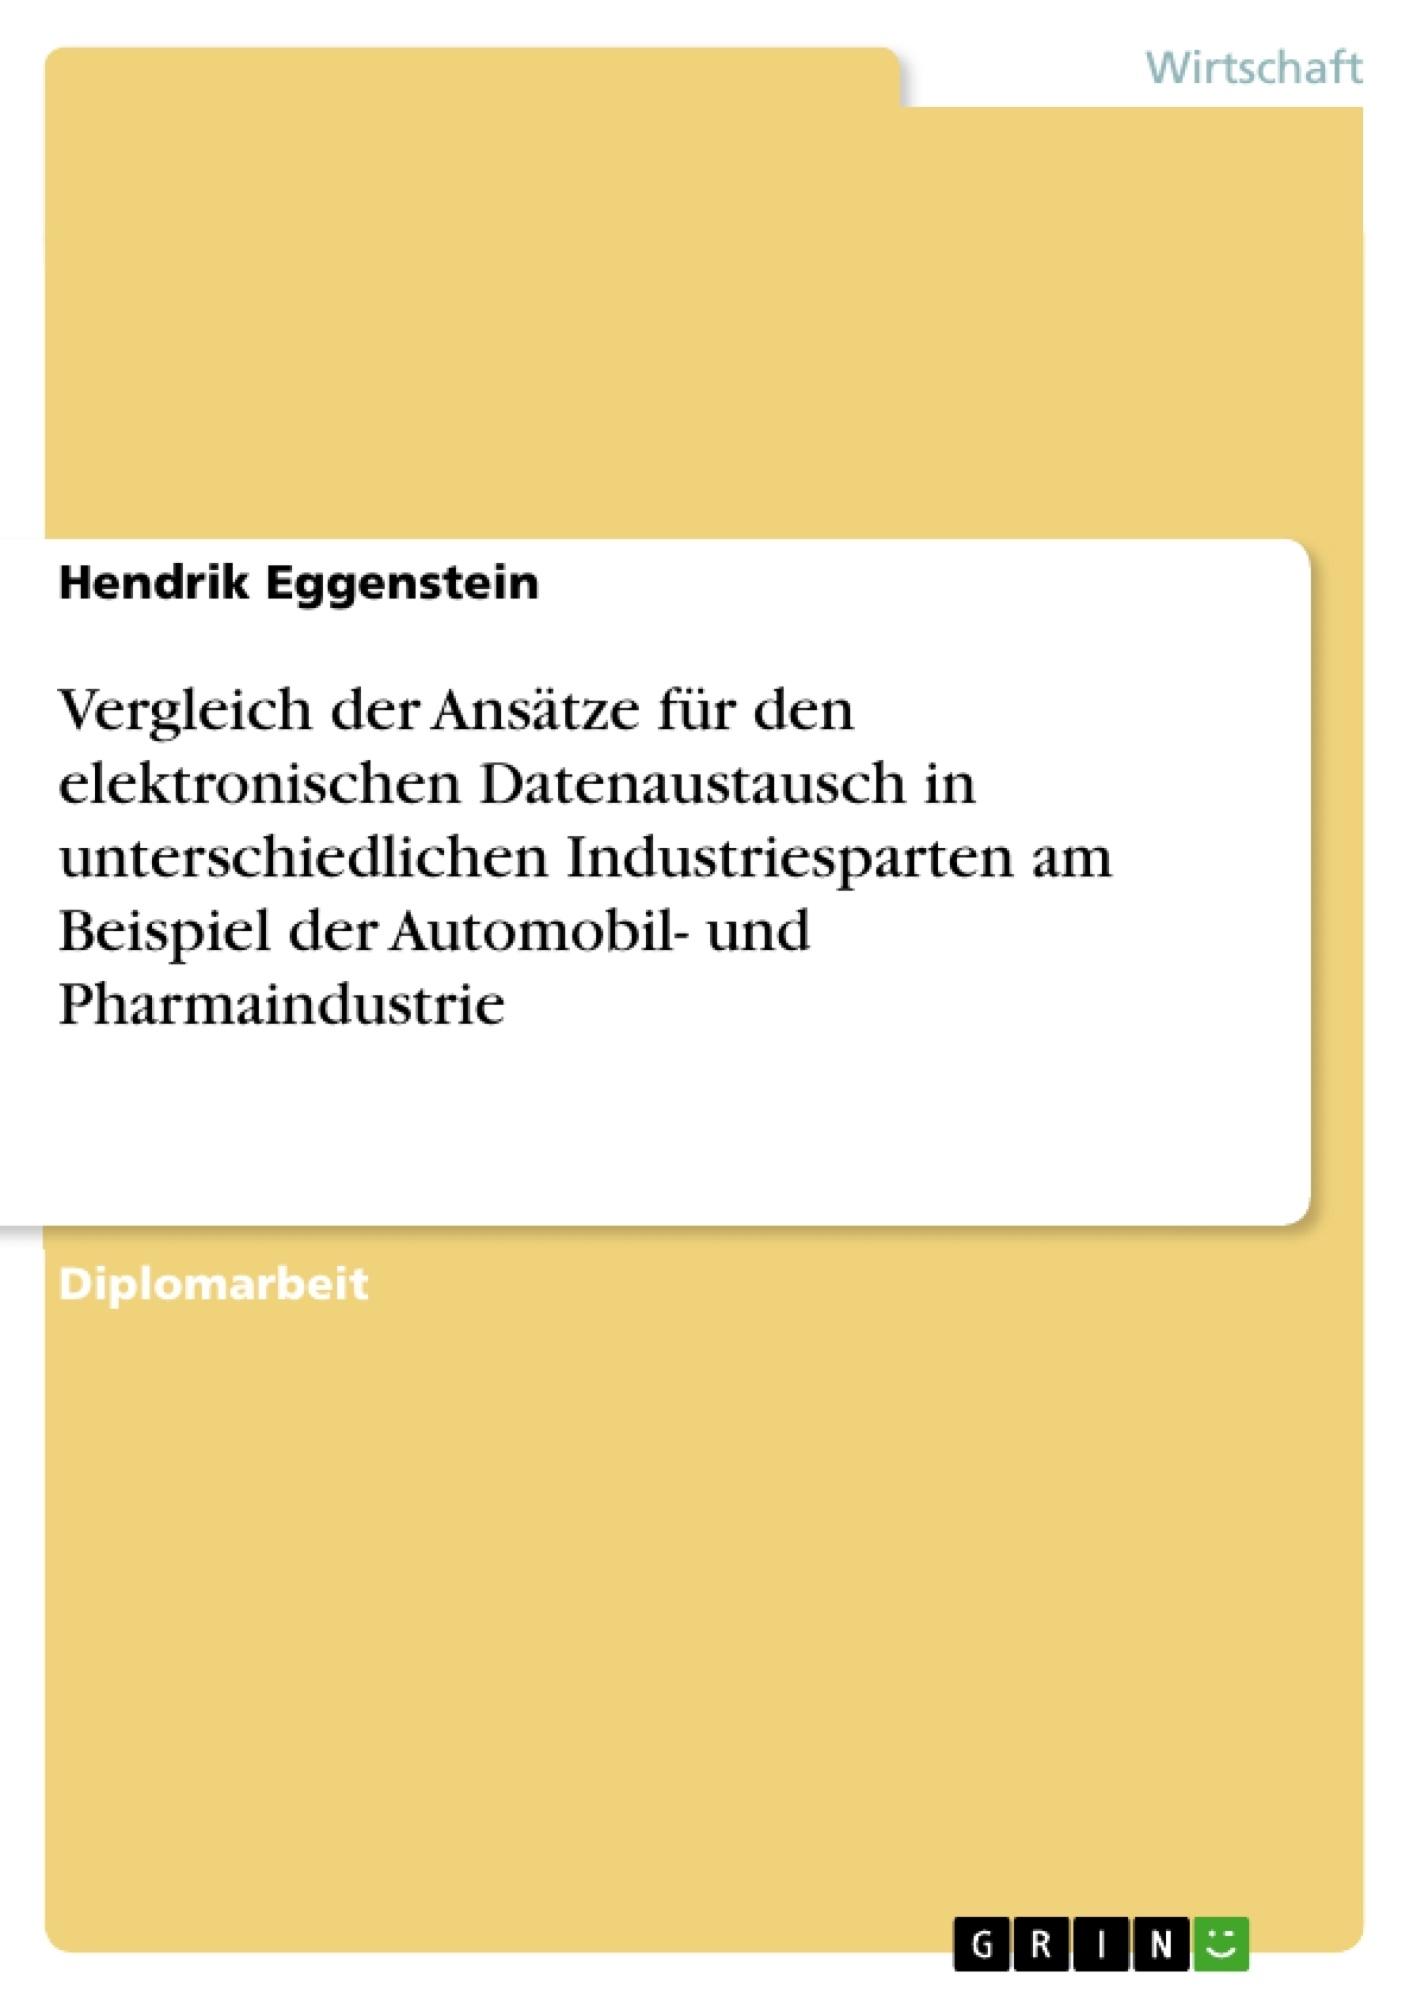 Titel: Vergleich der Ansätze für den elektronischen Datenaustausch in unterschiedlichen Industriesparten am Beispiel der Automobil- und Pharmaindustrie